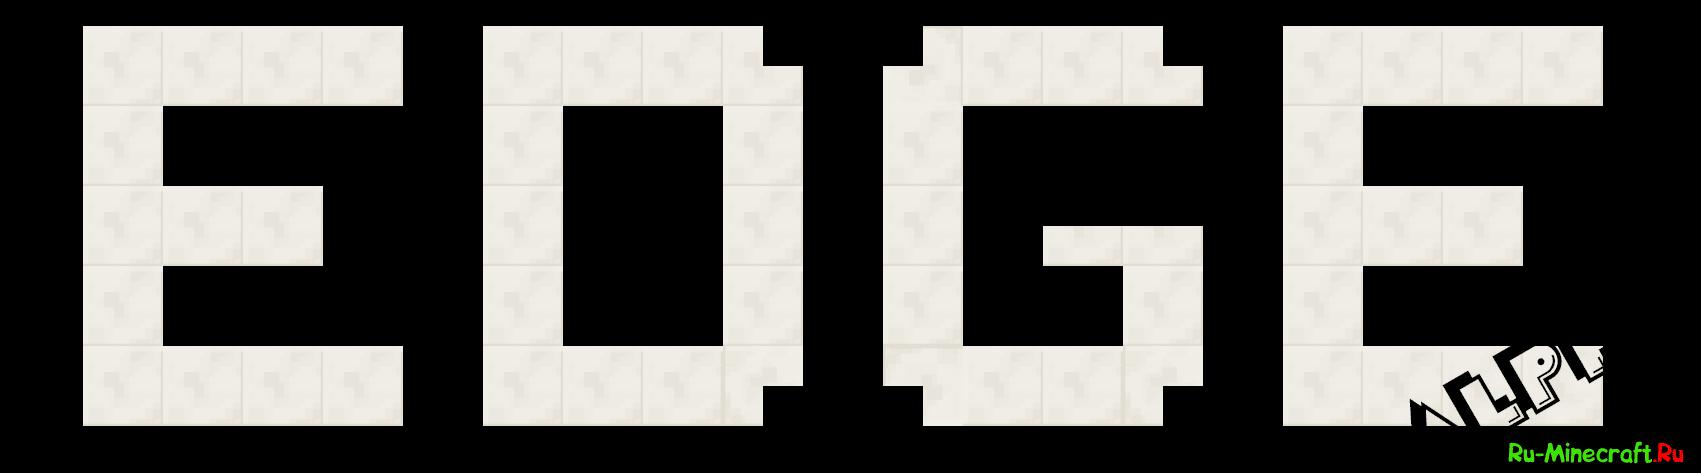 скачать карты на прохождение для майнкрафт головоломки